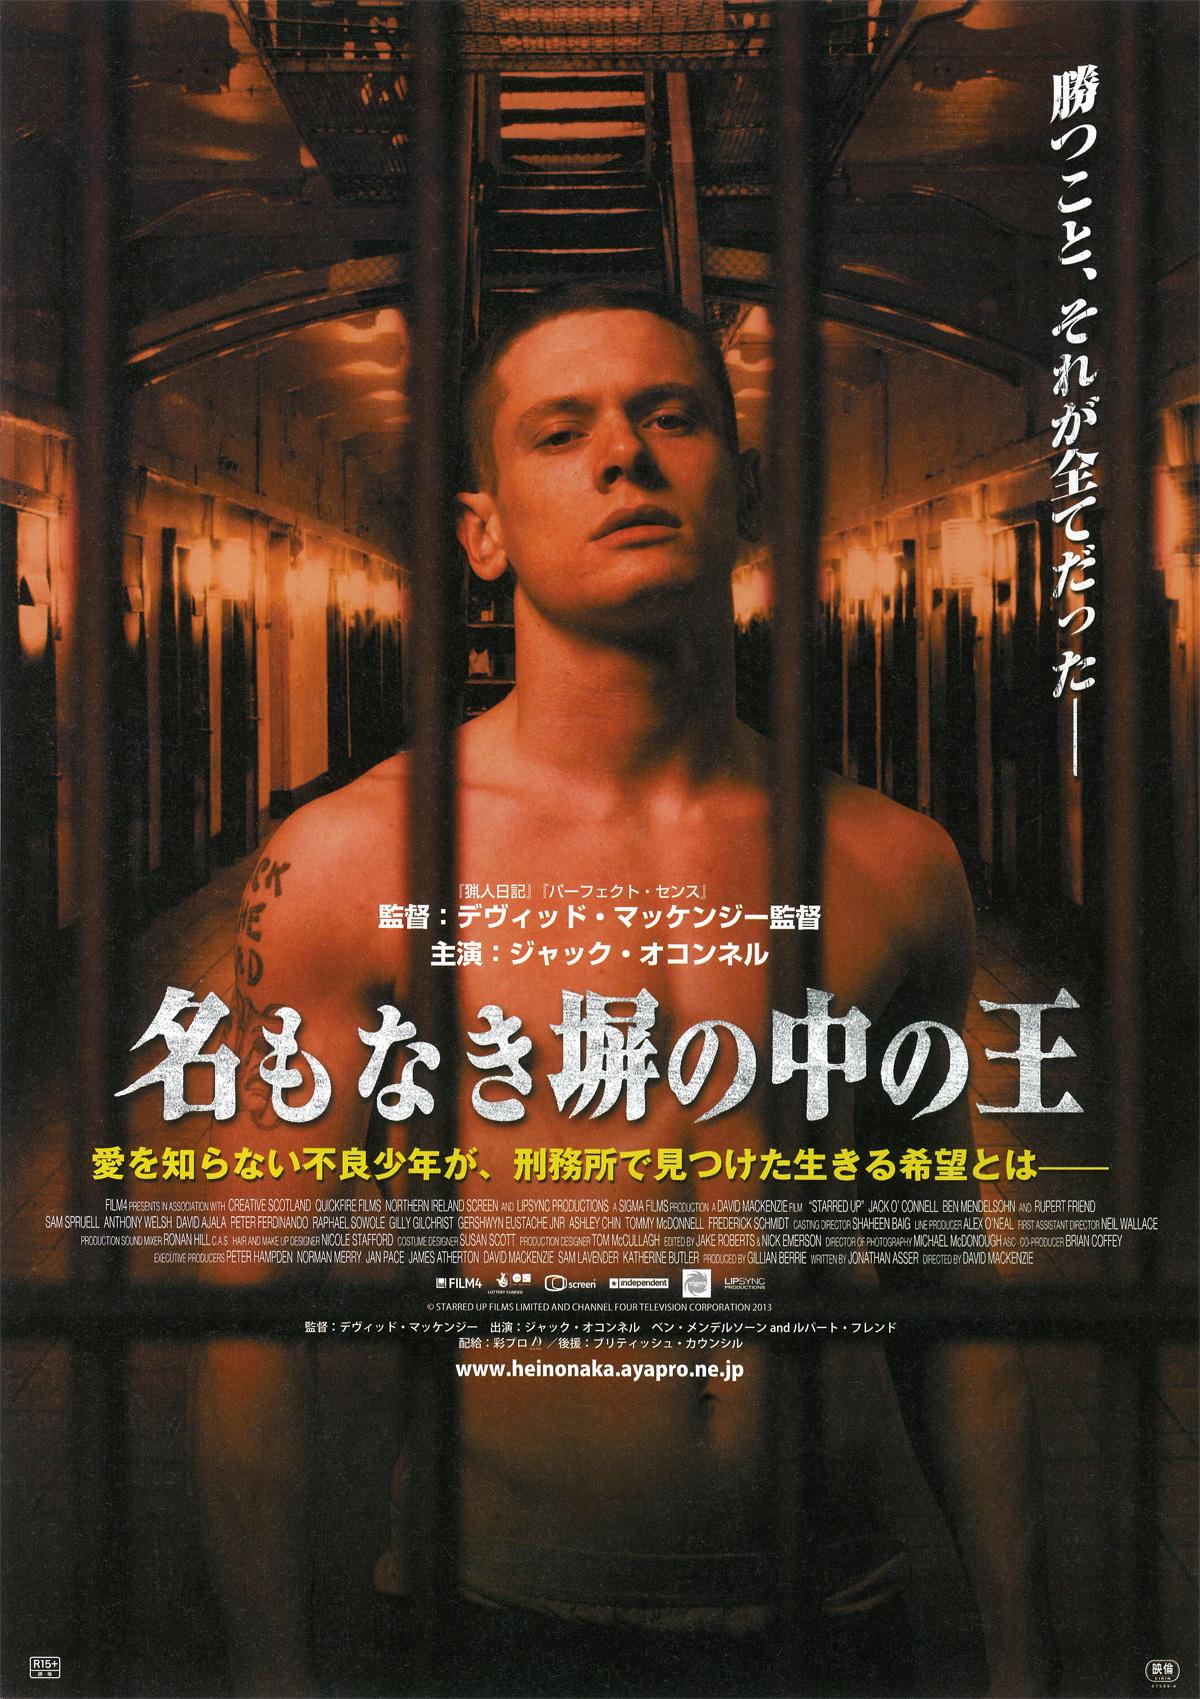 映画『名もなき塀の中の王』のチラシポスター